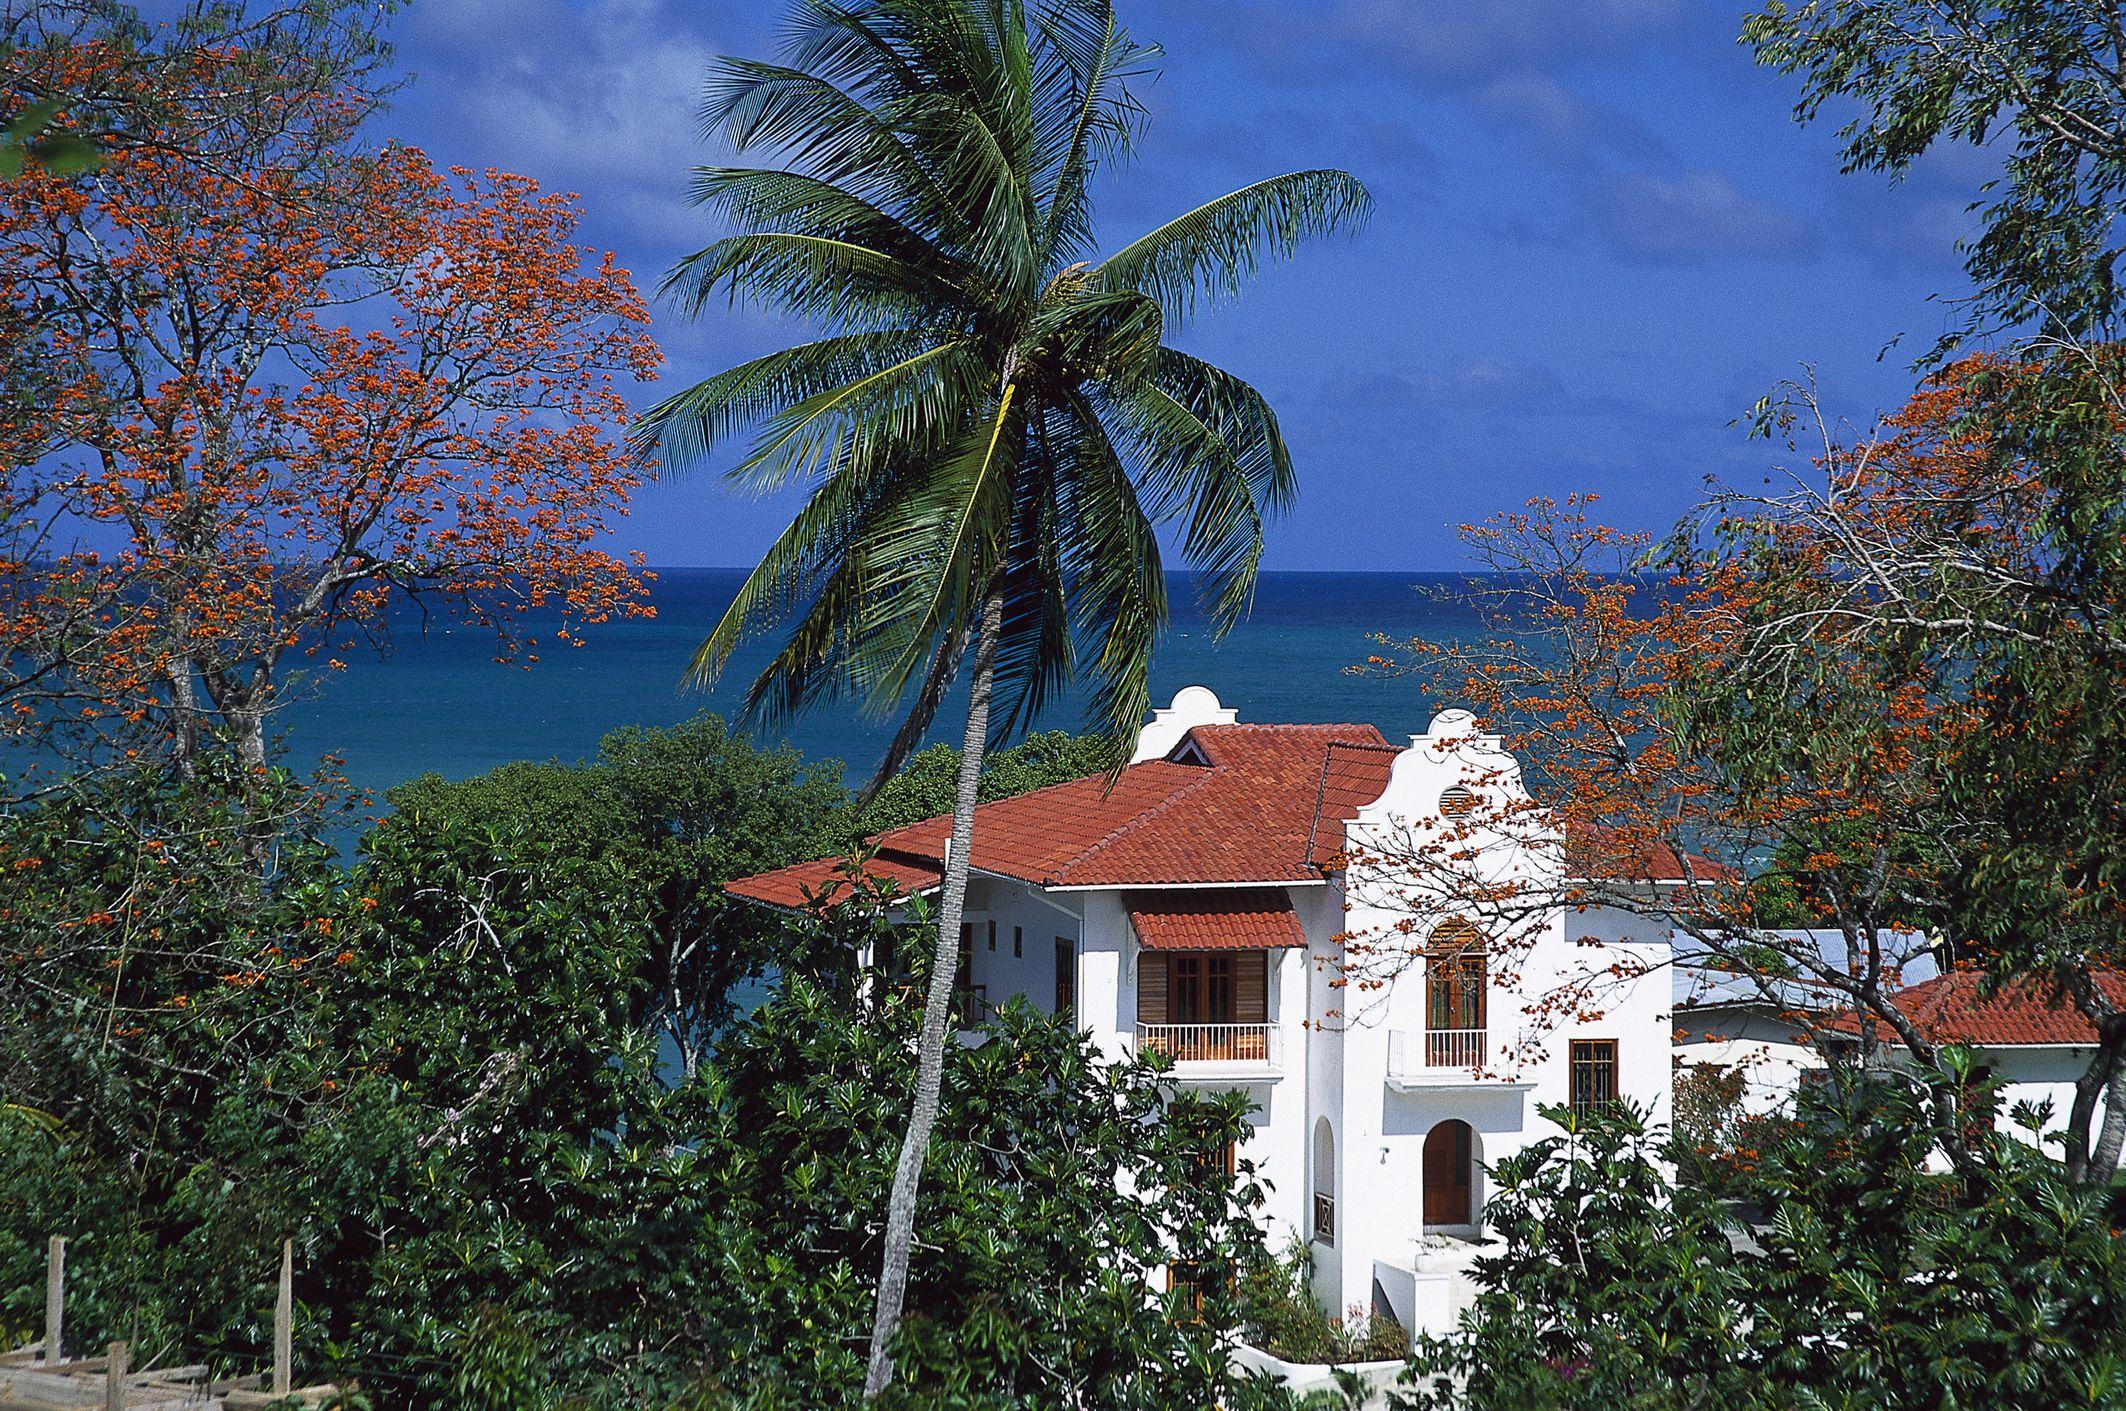 'Villa in Black Rock, Tobago, West Indies, Caribbean'